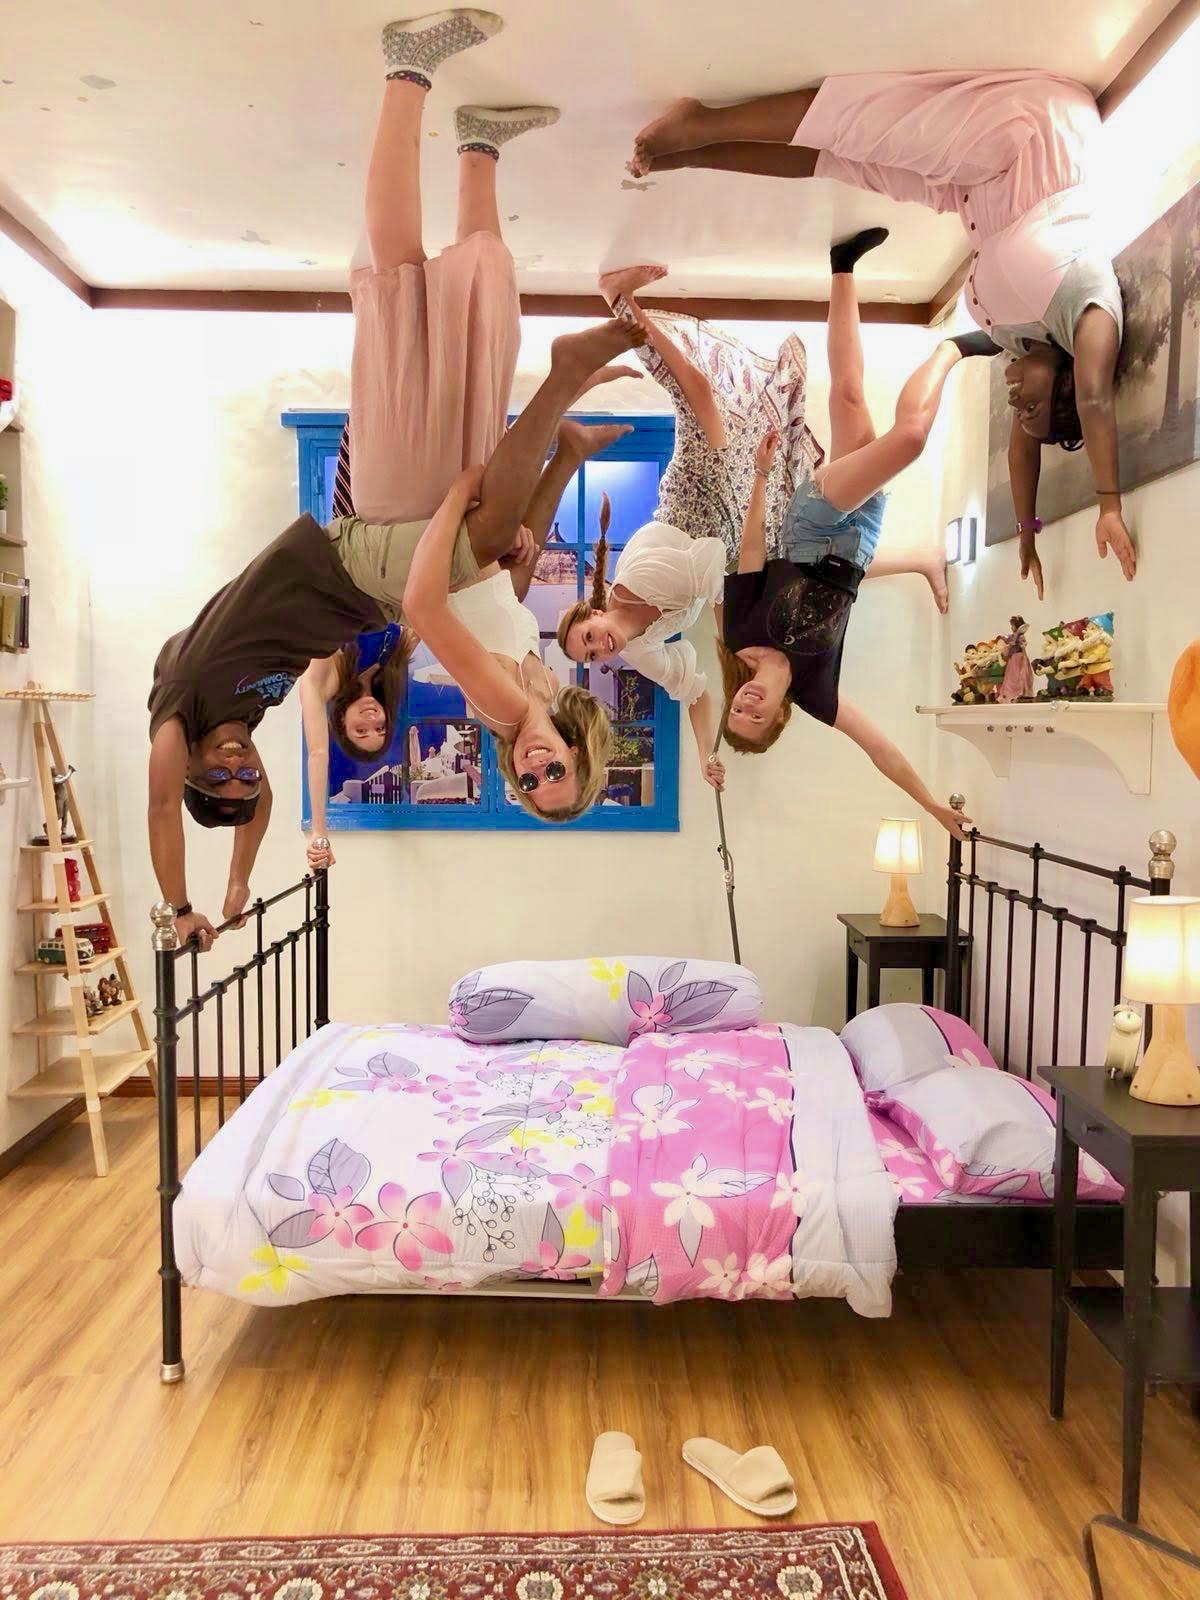 Upside-down house Penang Malaysia